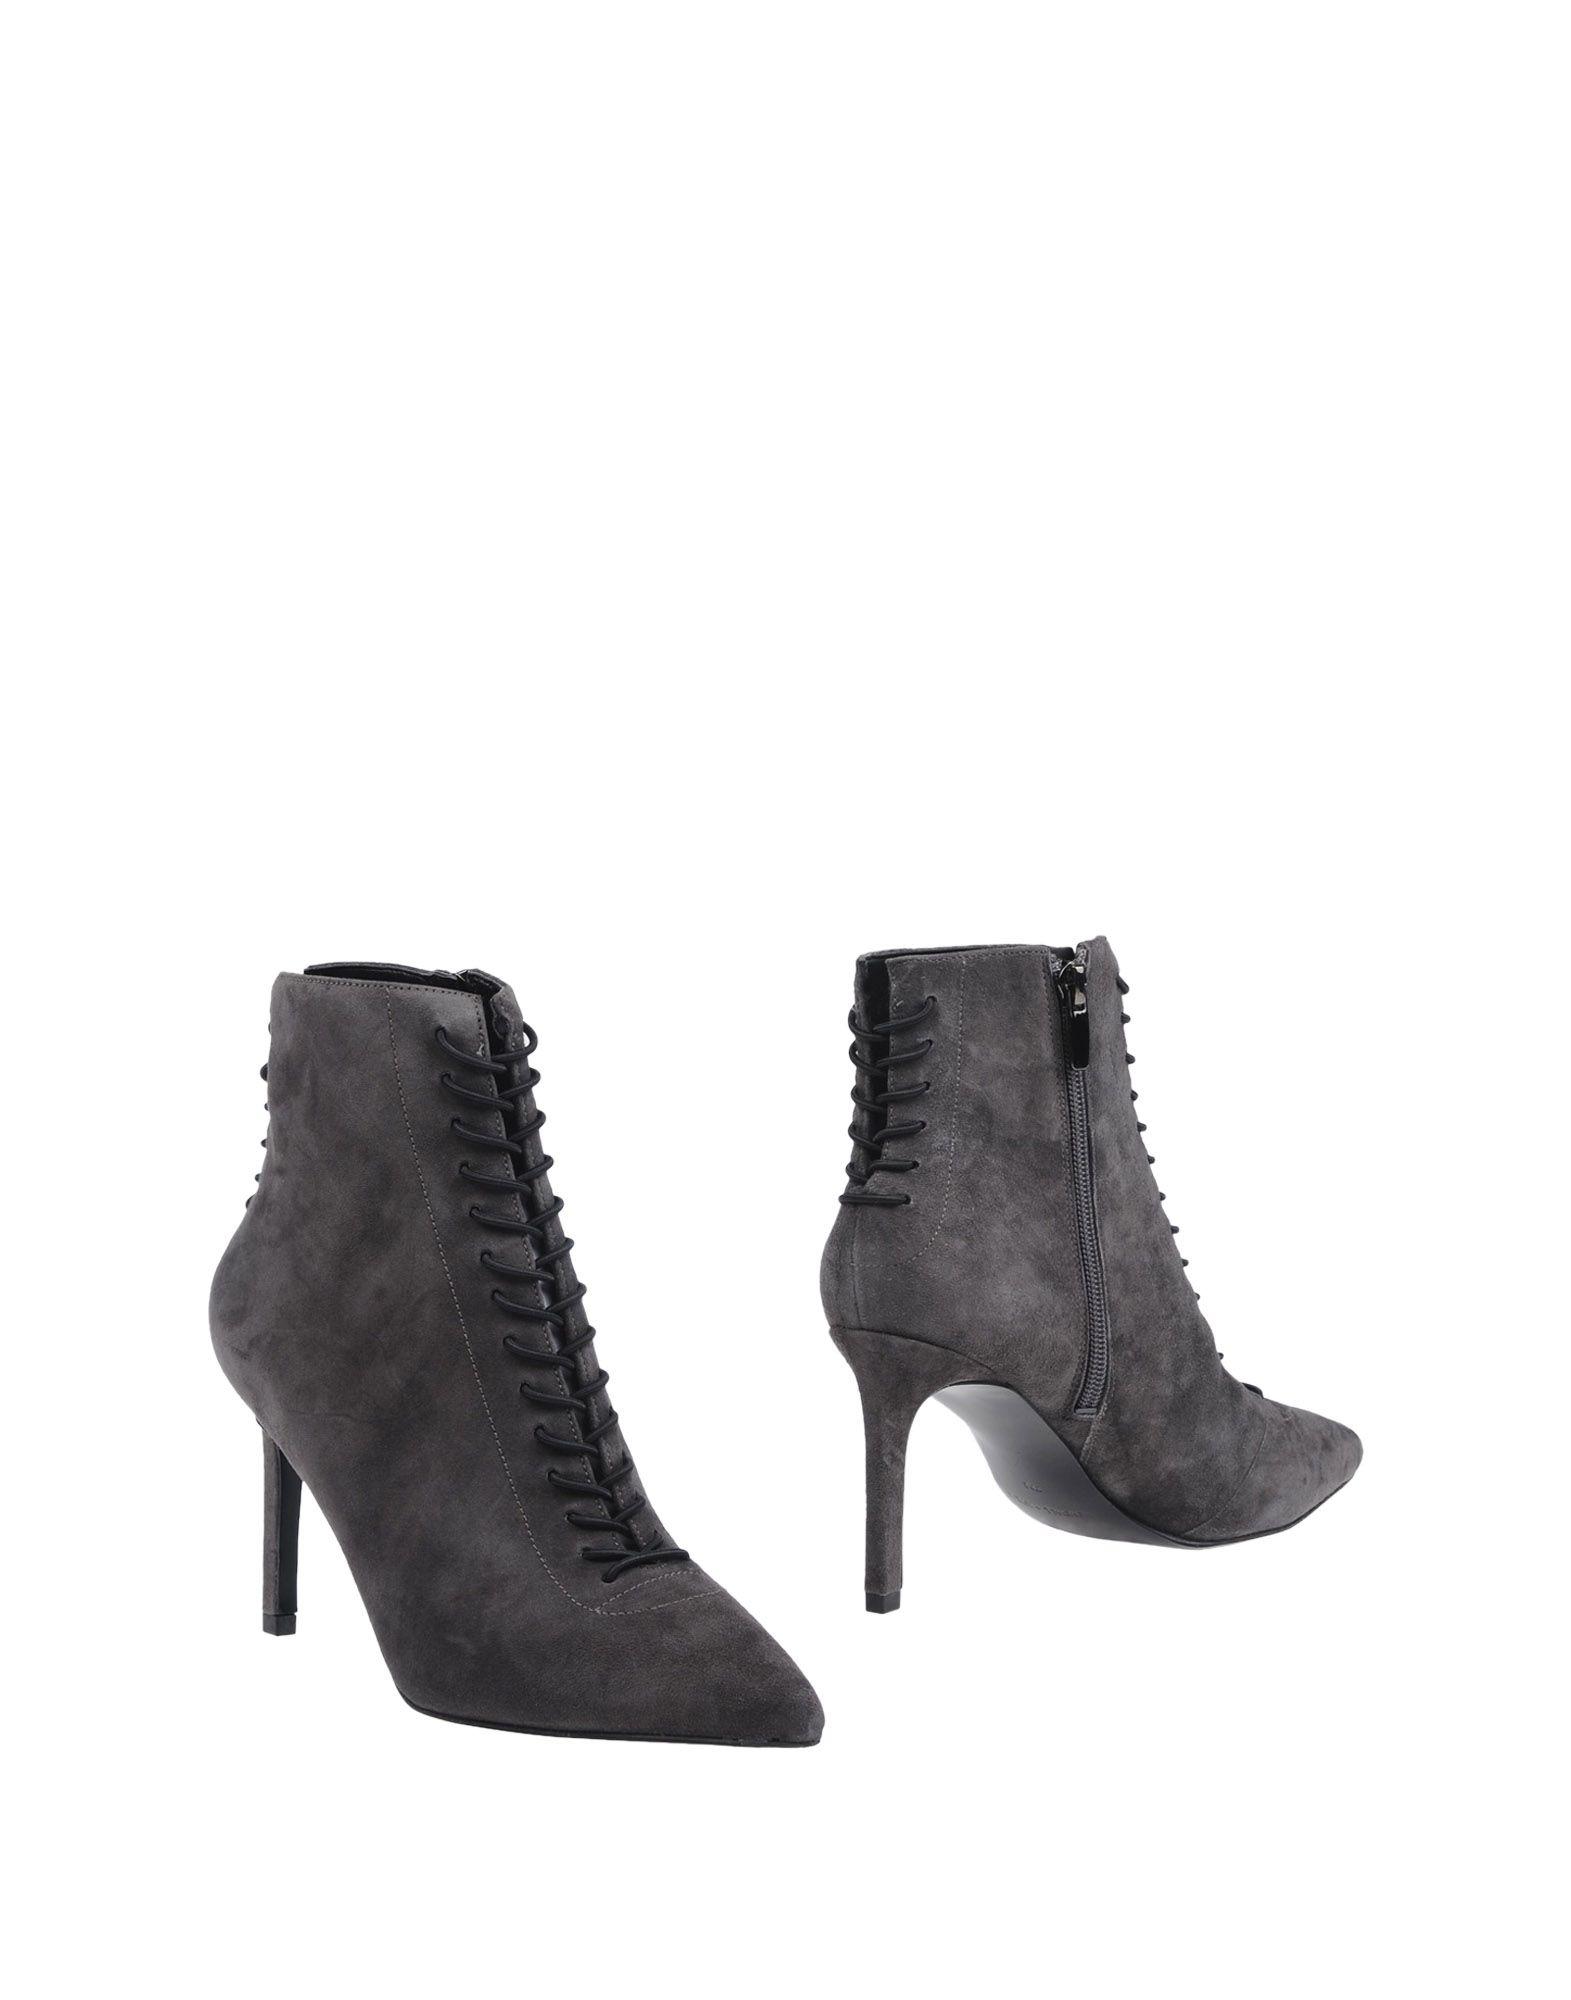 Kendall + Kylie Stiefelette Damen  11214460RH Gute Qualität beliebte Schuhe